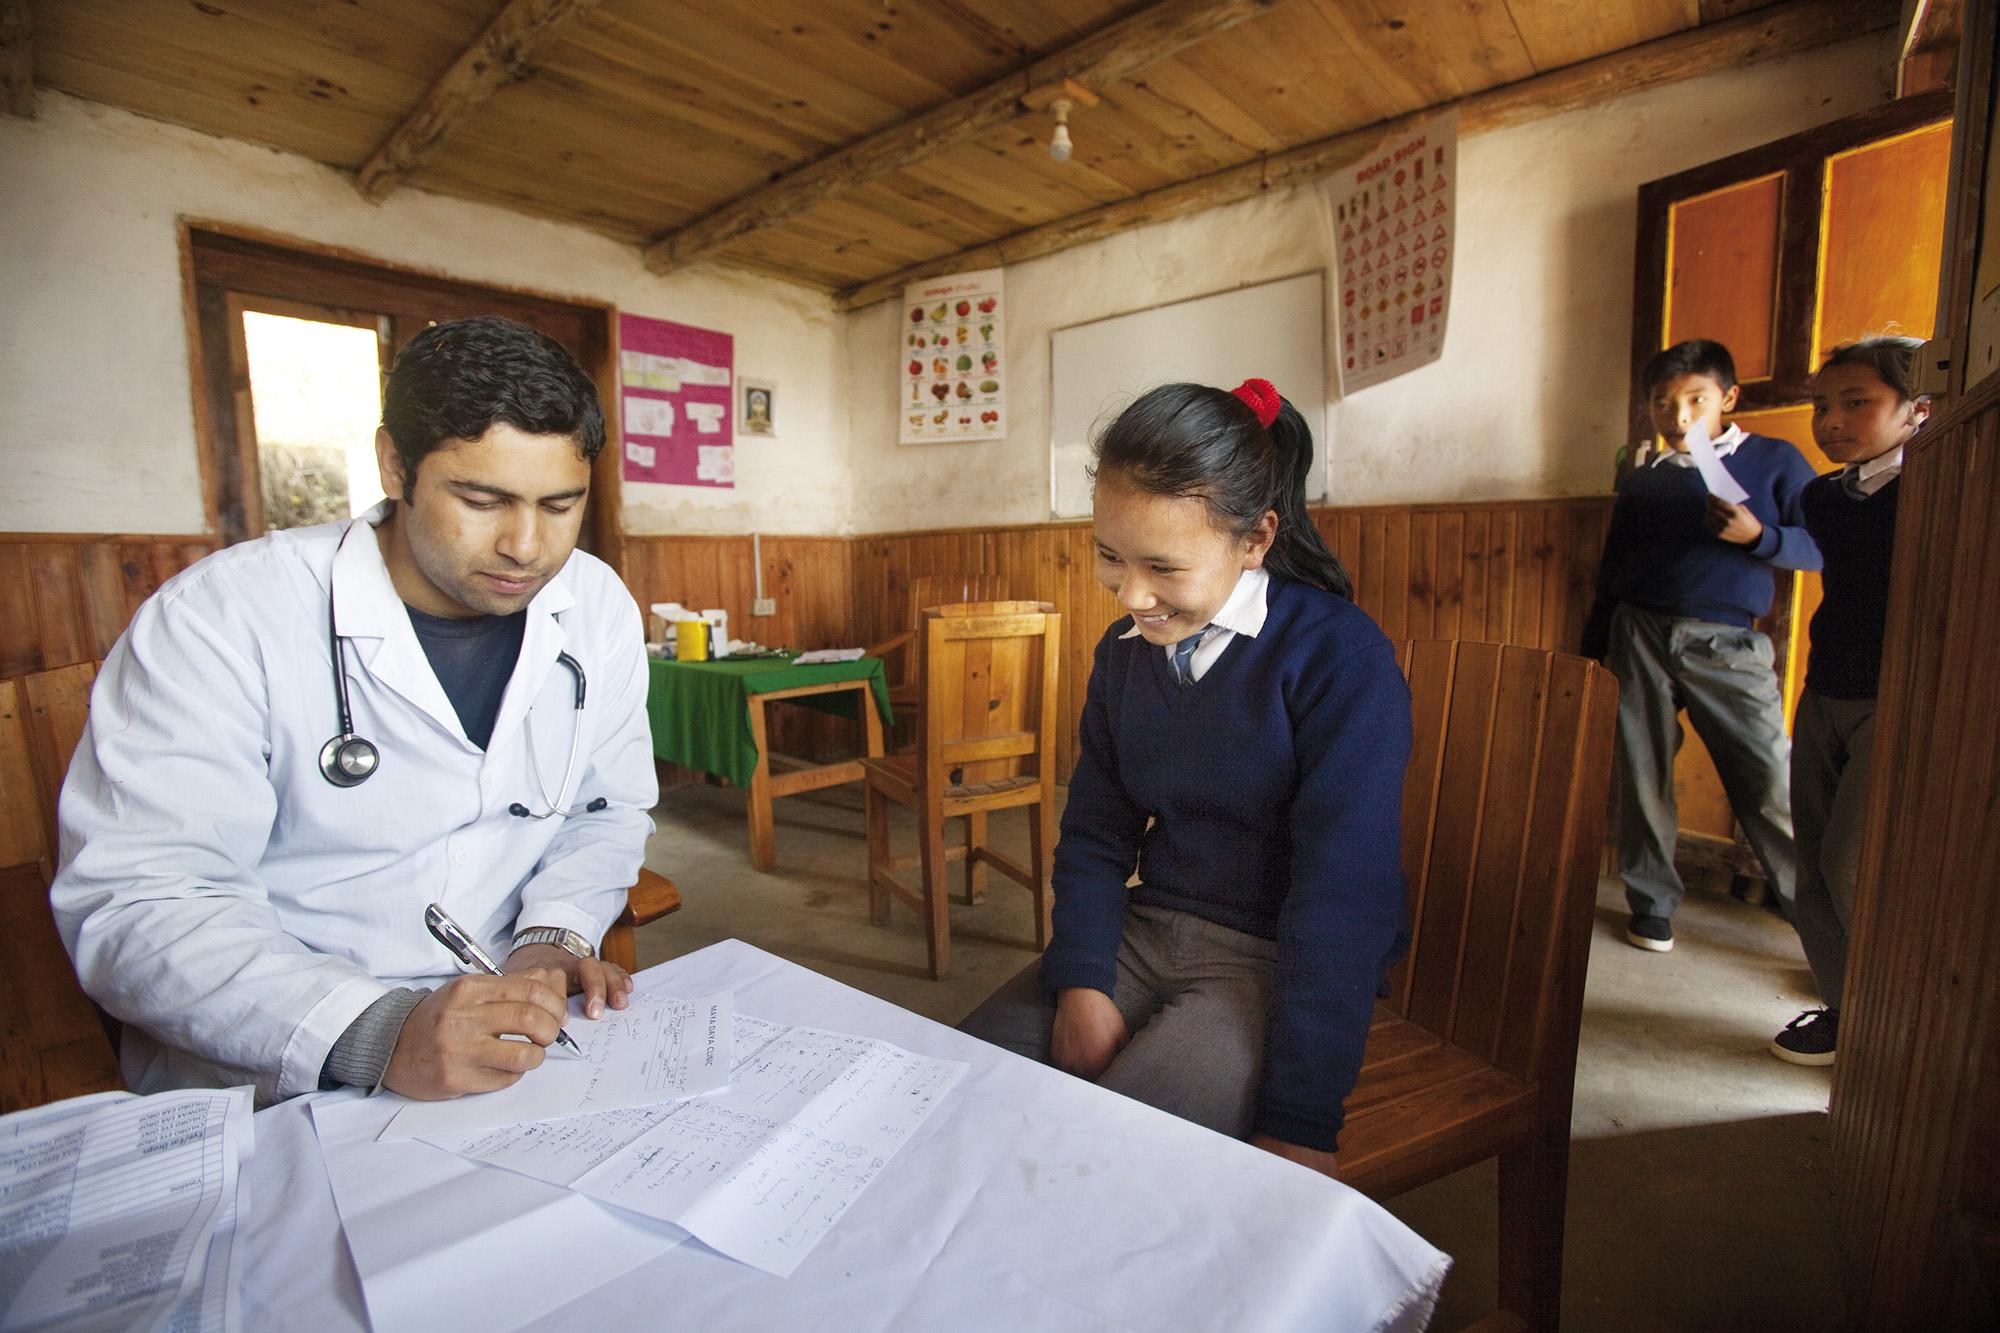 Reportage | Losan Piatti - Fotografo Italia_Nepal 2015 Mount Everest School_Campo Medico